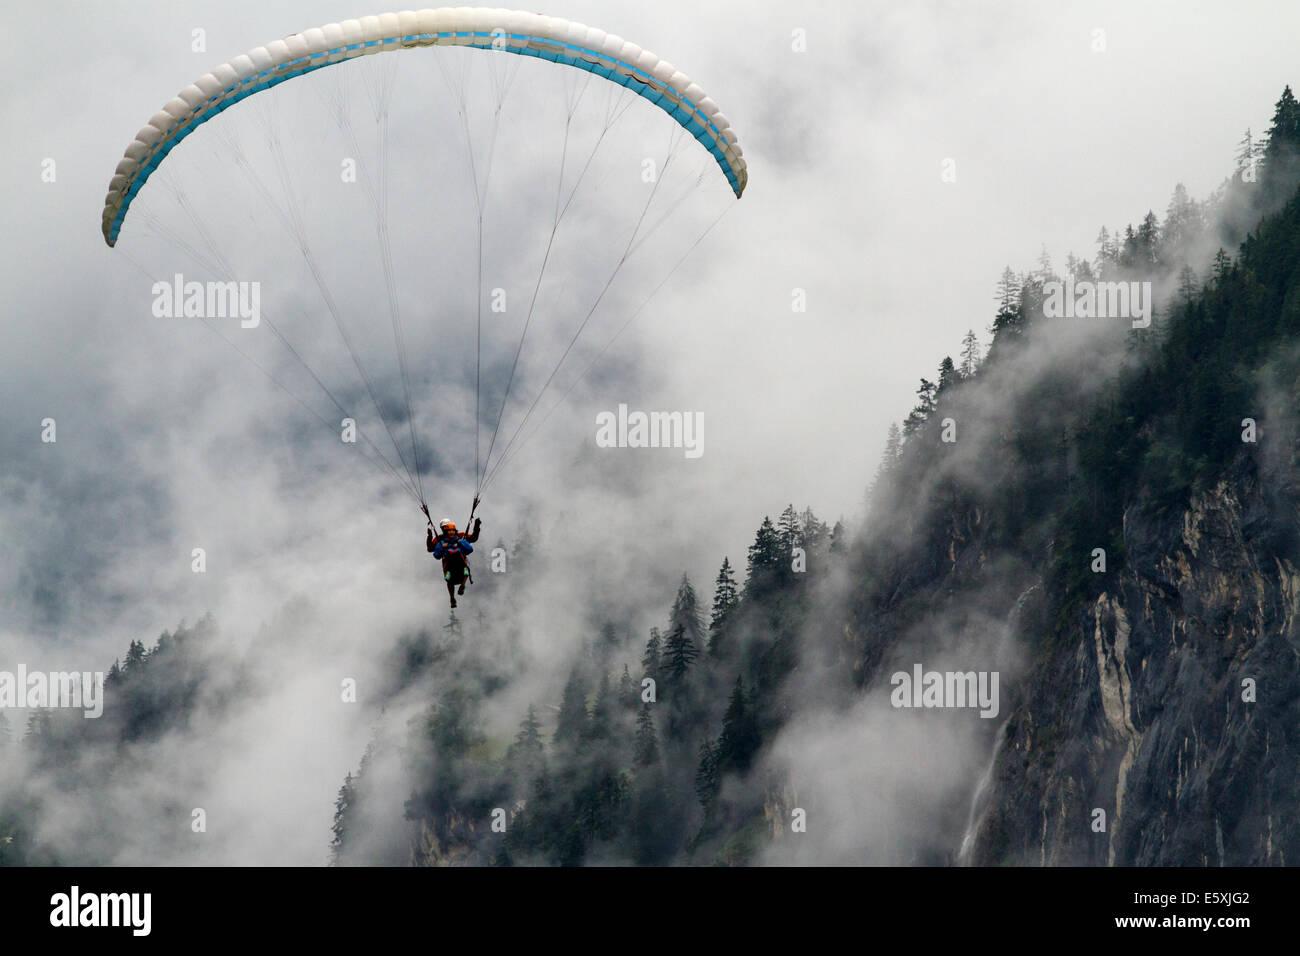 Paraglider in Lauterbrunnen Valley, Switzerland - Stock Image